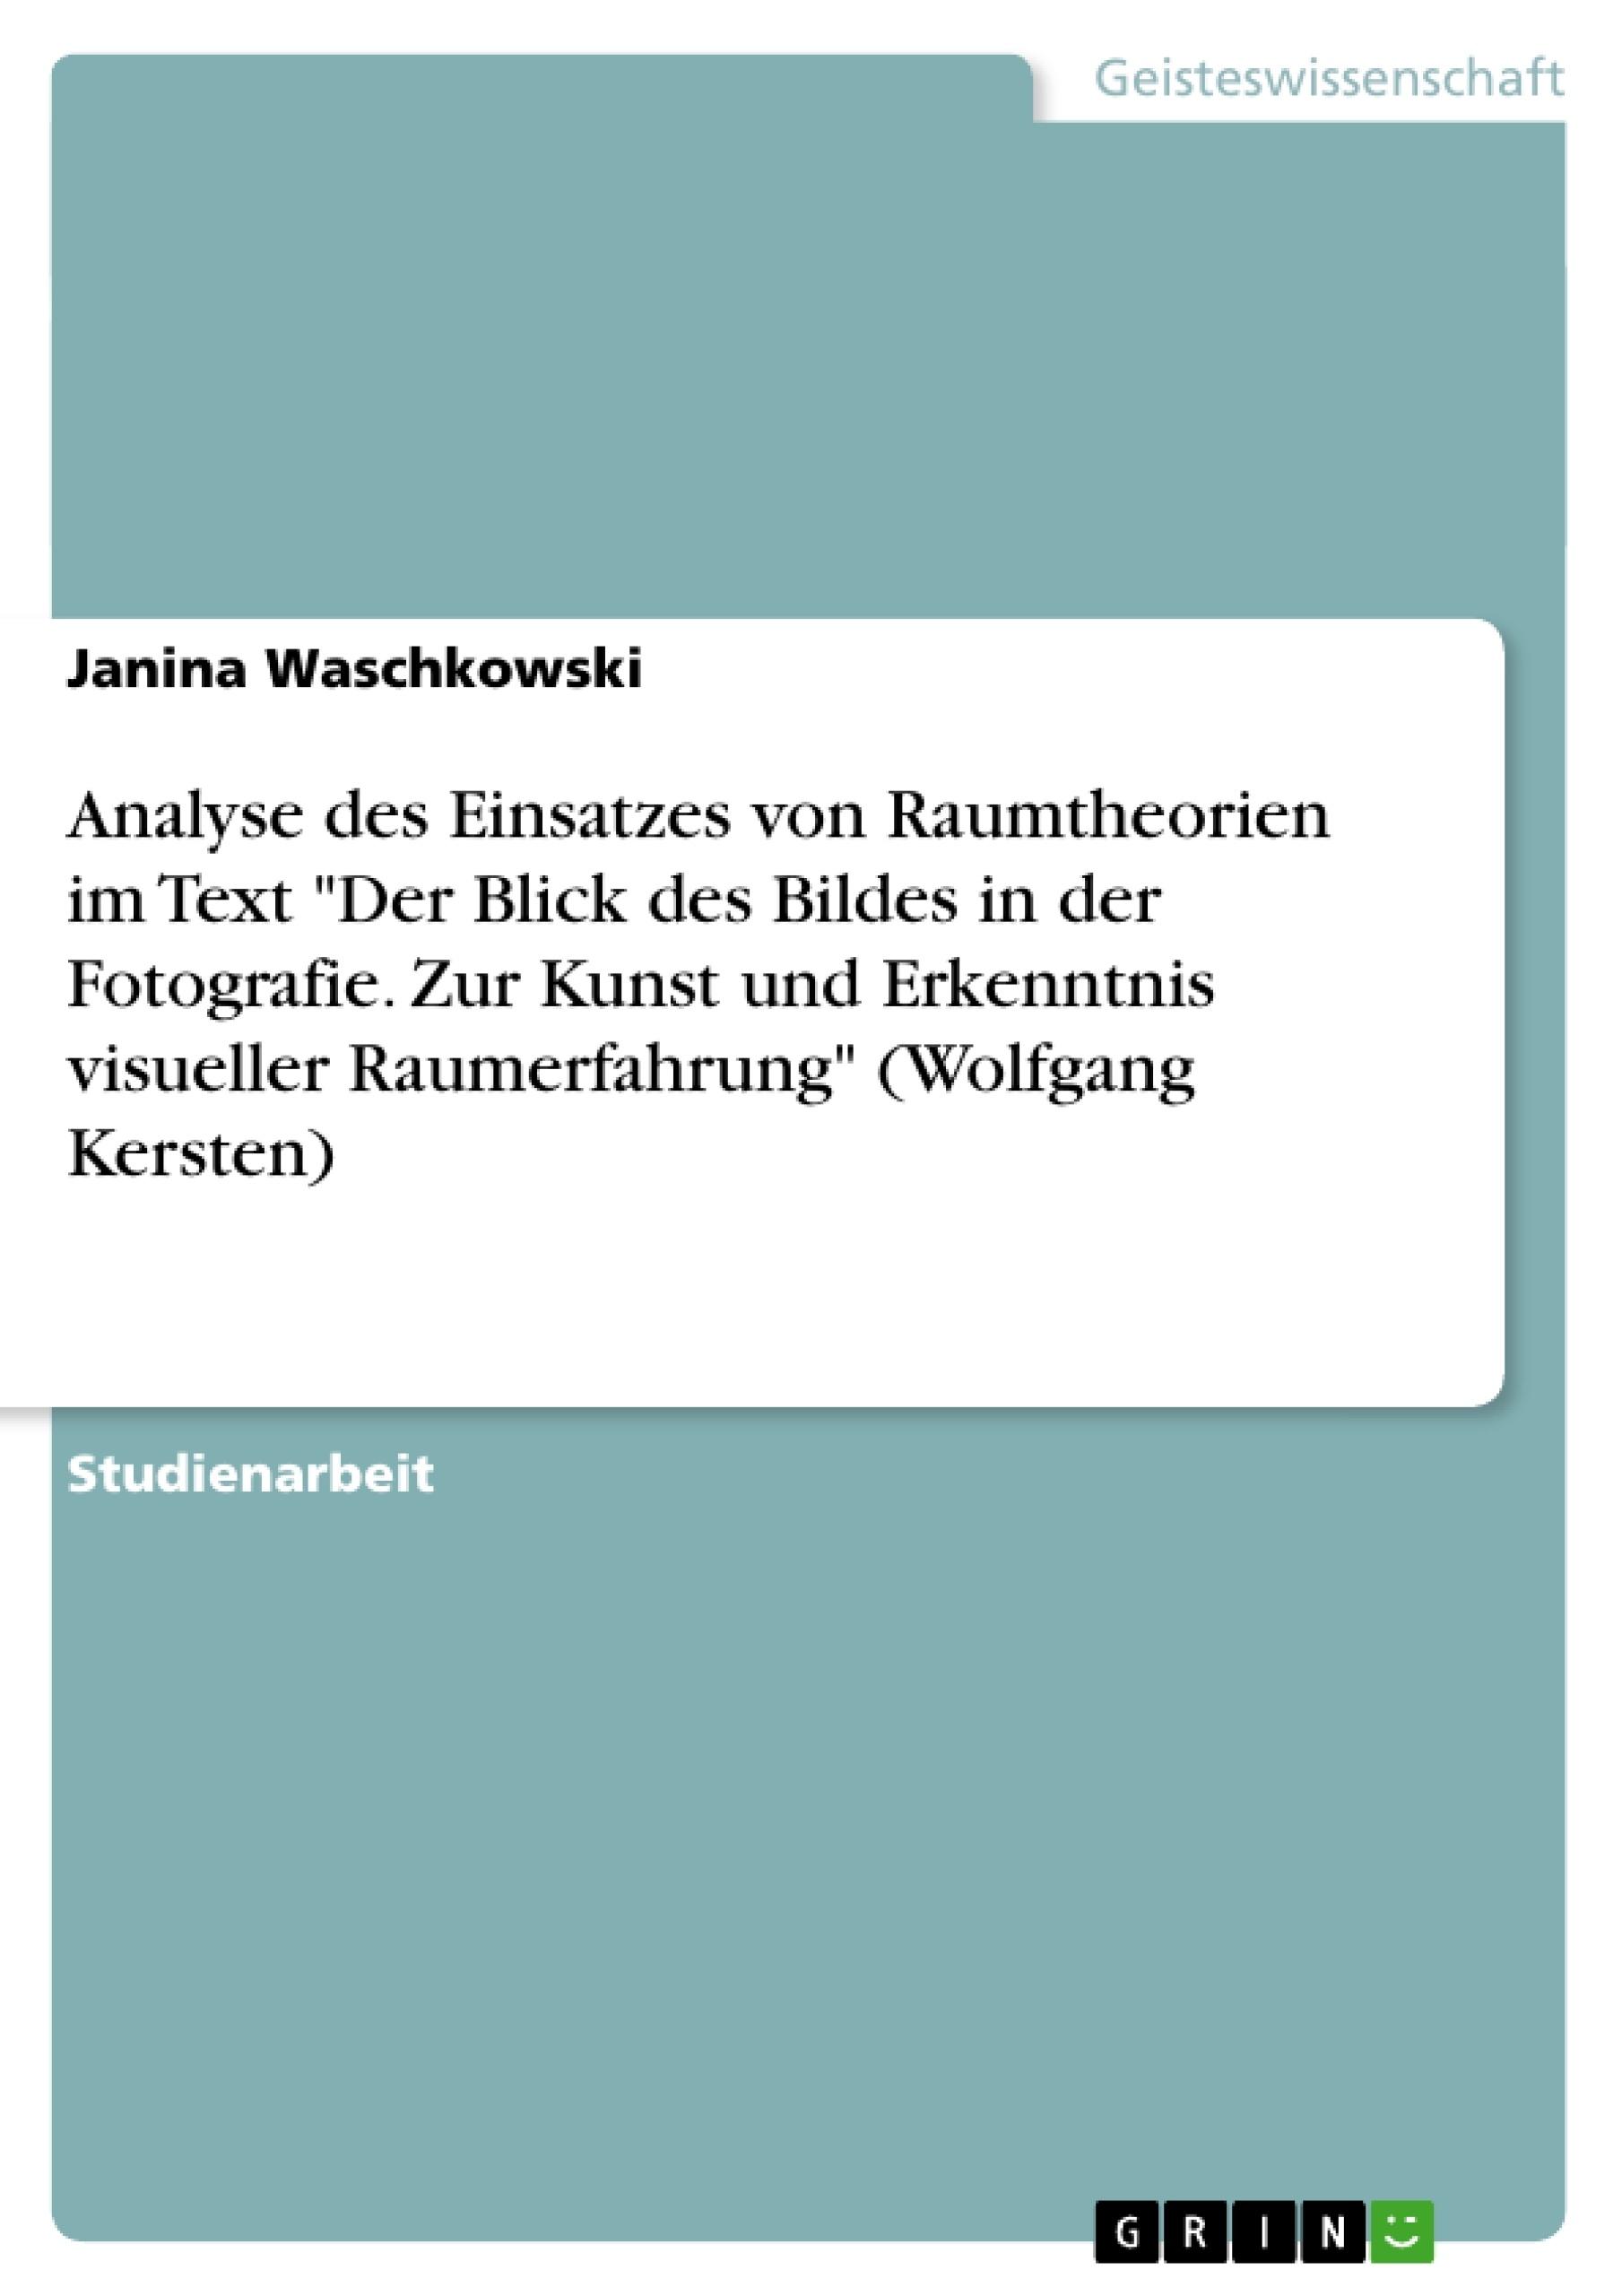 """Titel: Analyse des Einsatzes von Raumtheorien im Text """"Der Blick des Bildes in der Fotografie. Zur Kunst und Erkenntnis visueller Raumerfahrung"""" (Wolfgang Kersten)"""